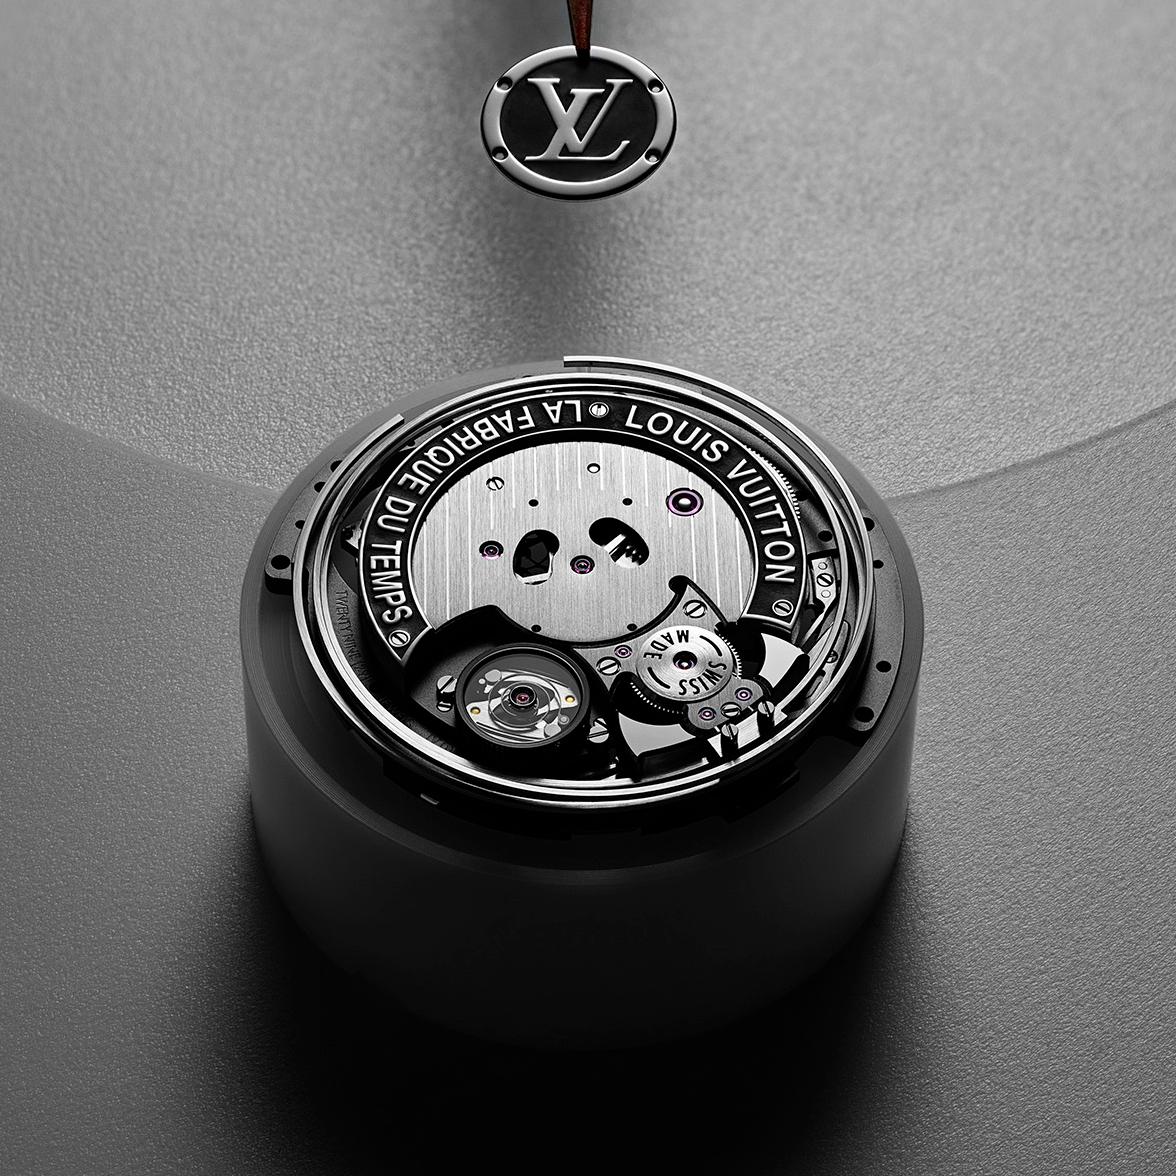 頂級製錶工藝─路易威登「Voyager」飛行陀飛輪錶款